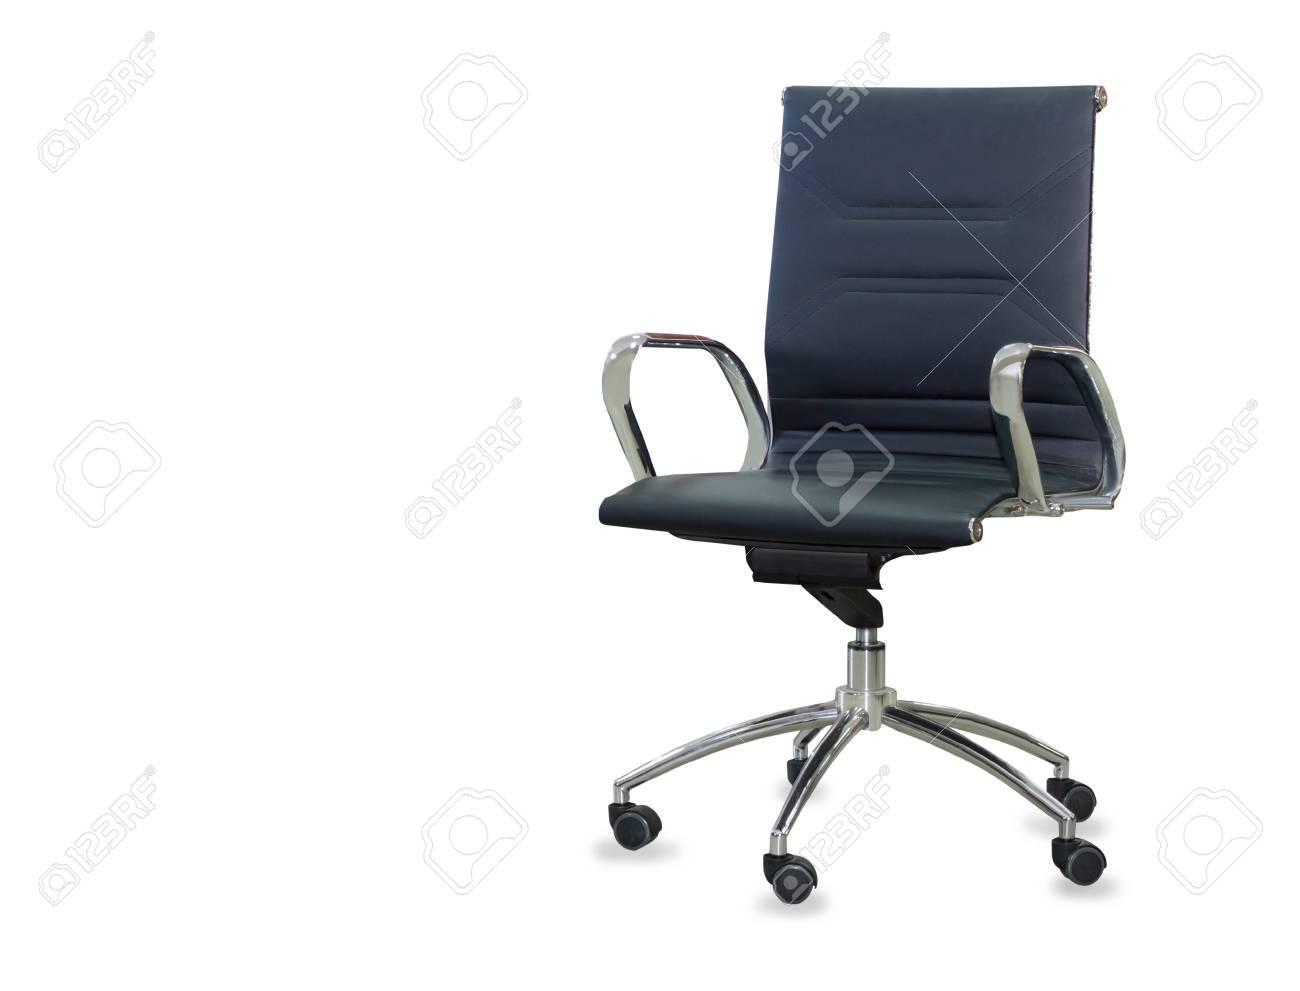 Sedie Da Ufficio In Pelle : Sedia da ufficio moderna in pelle nera. isolato foto royalty free